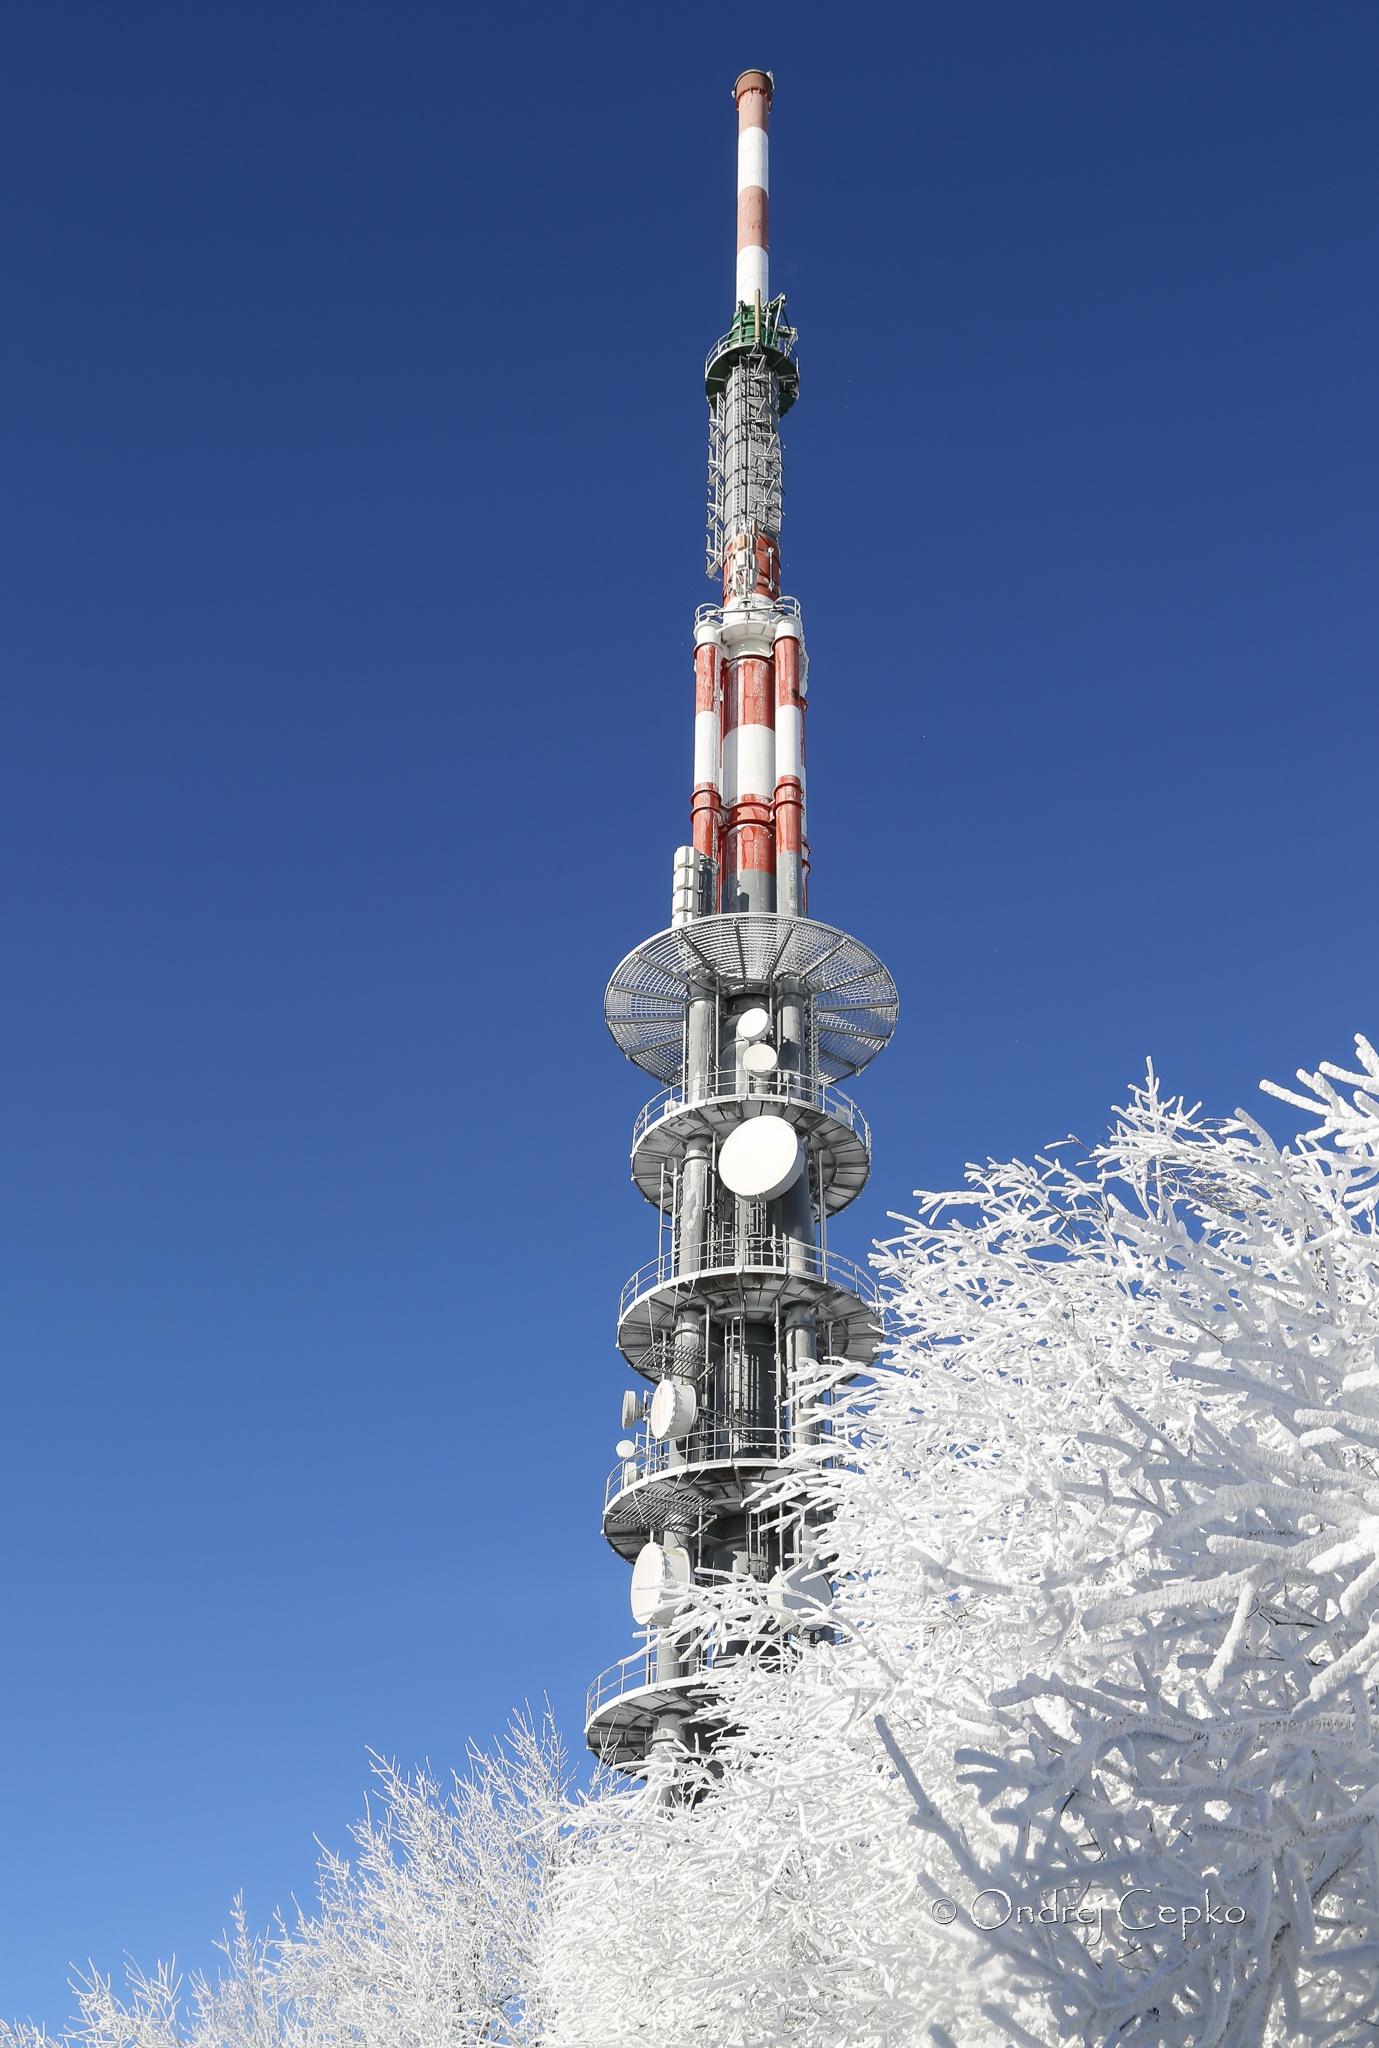 velka_javorina_tower2